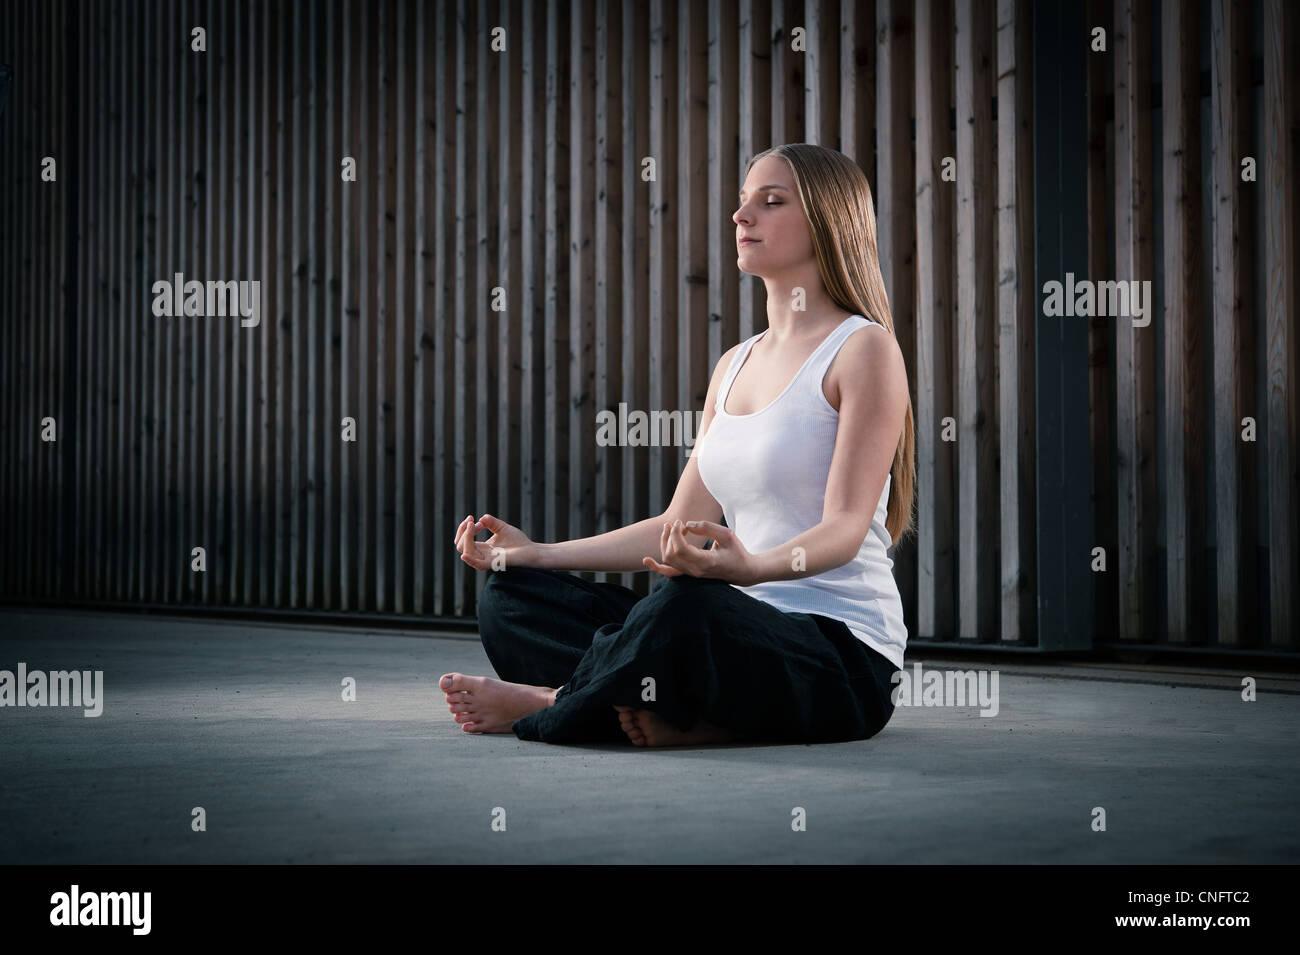 Giovane donna 20-25 seduto e ambiente di meditazione Yoga meditazione in un moderno, fresco ambiente esterno Immagini Stock